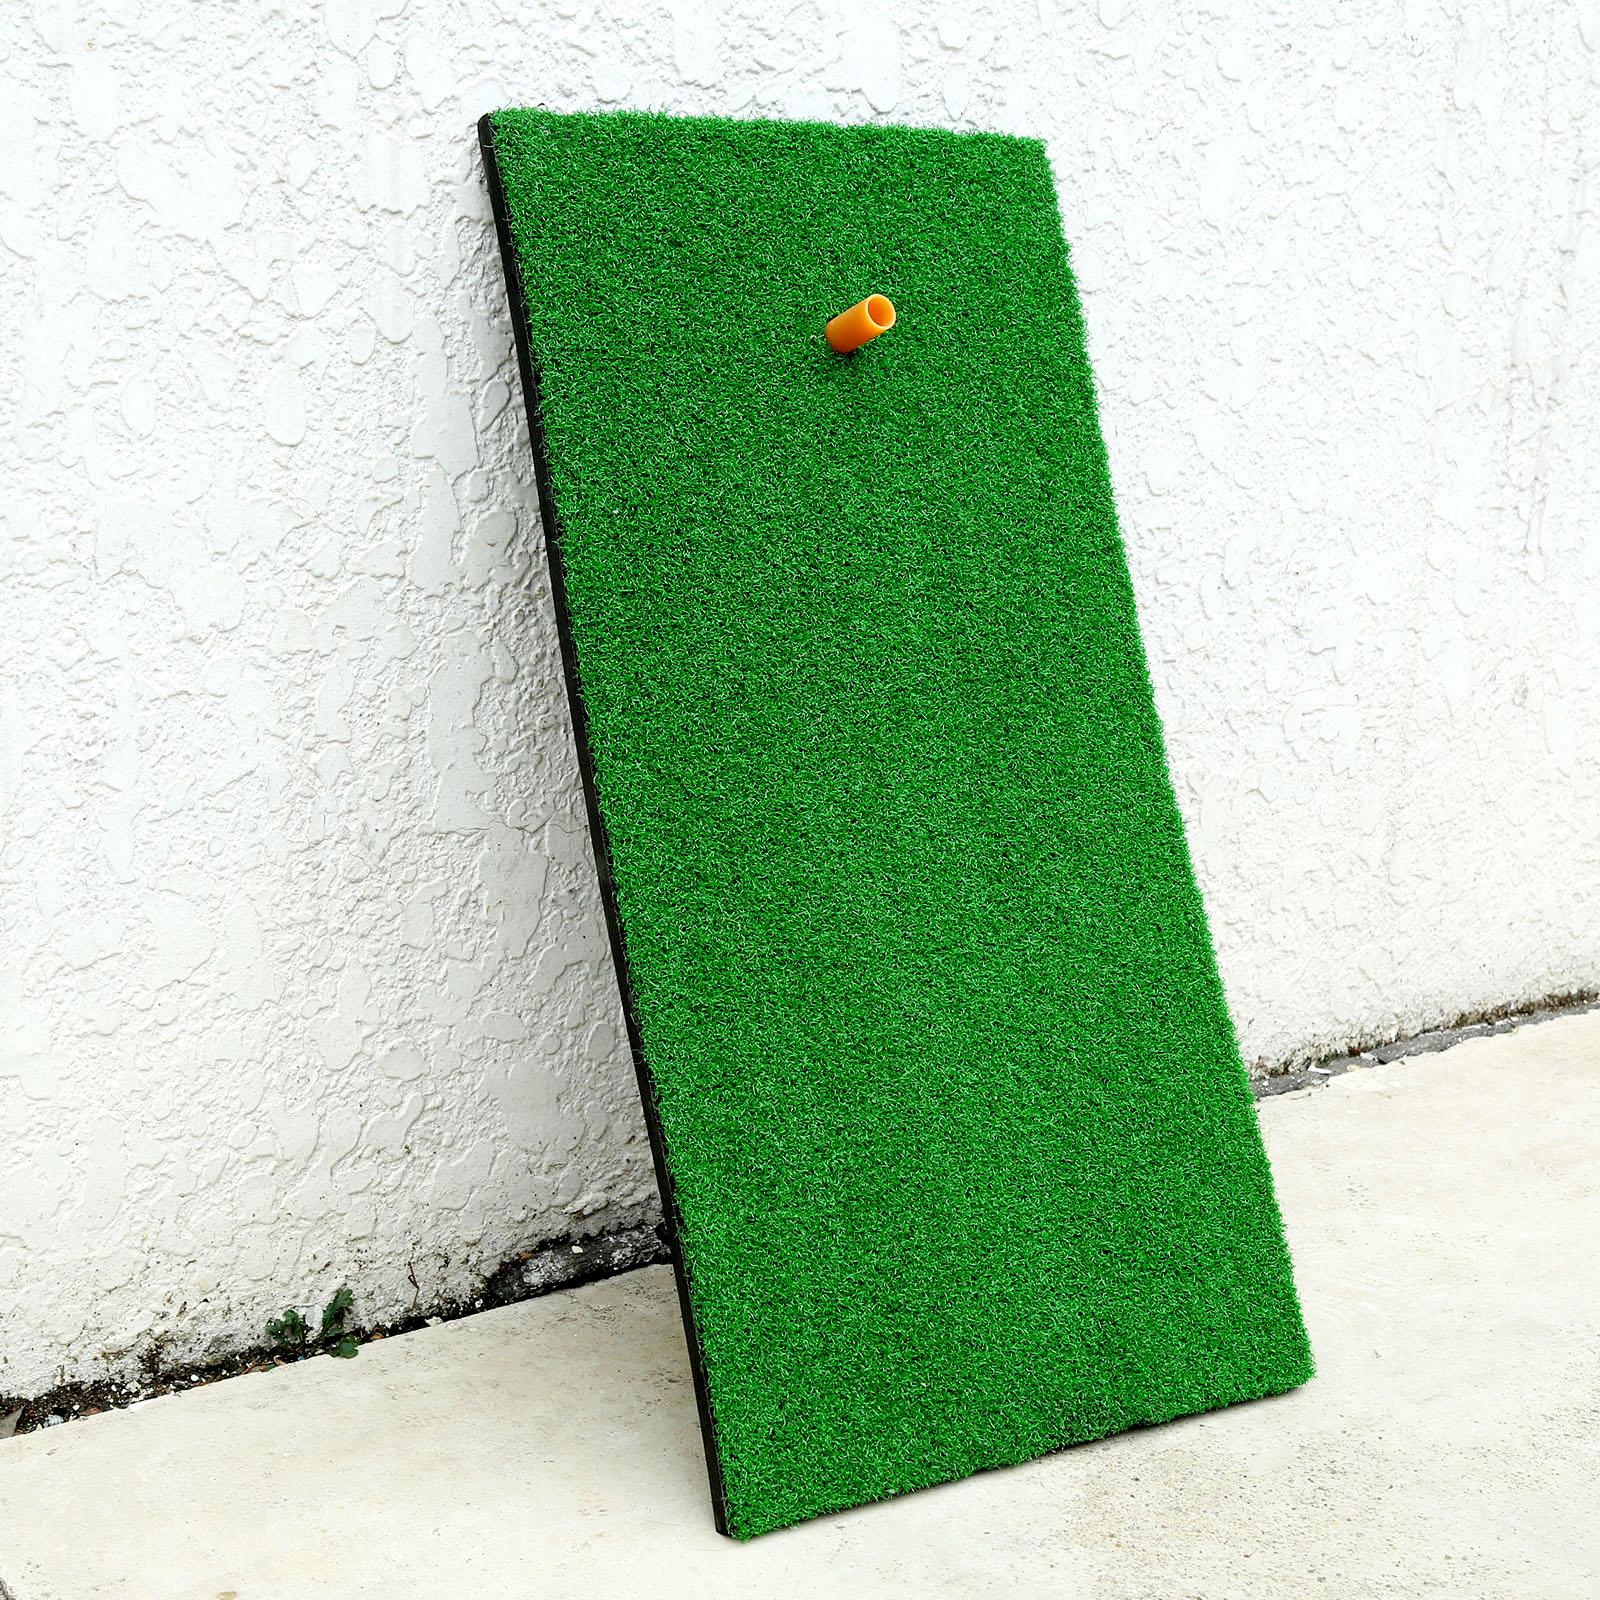 SURIEEN 30X60cm 1Pc Backyard Golf Mat Residential Training Hitting Pad Practice Rubber Tee Holder Grass Green Golf Training Aids